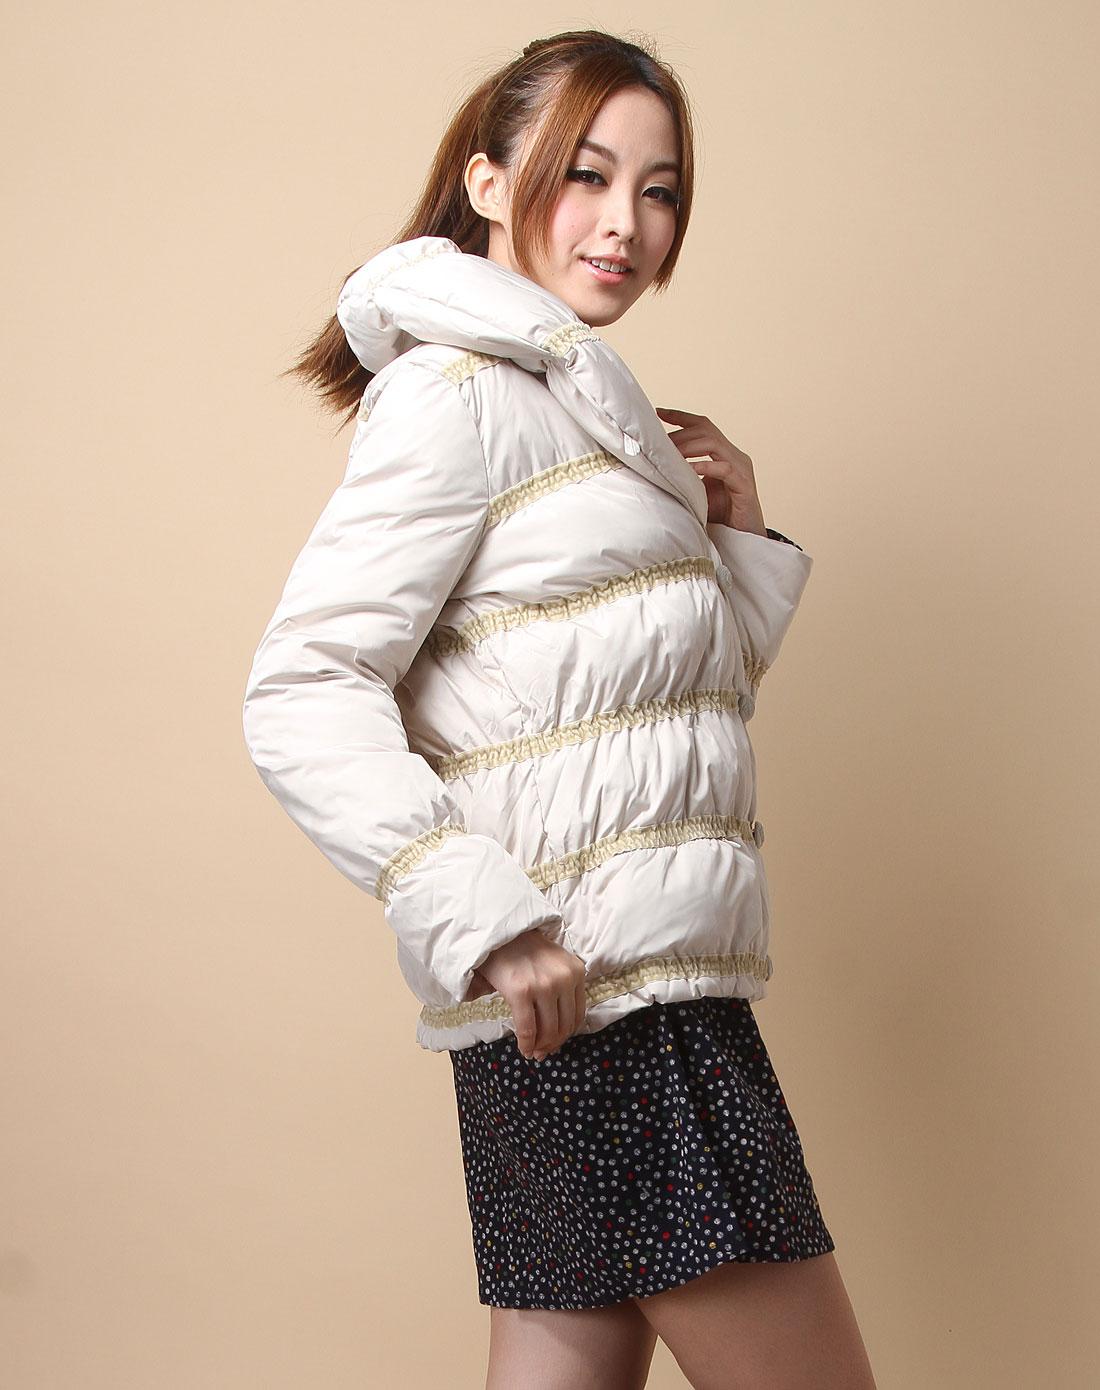 播�_播broadcast女装专场-米白色横间条时尚长袖羽绒服